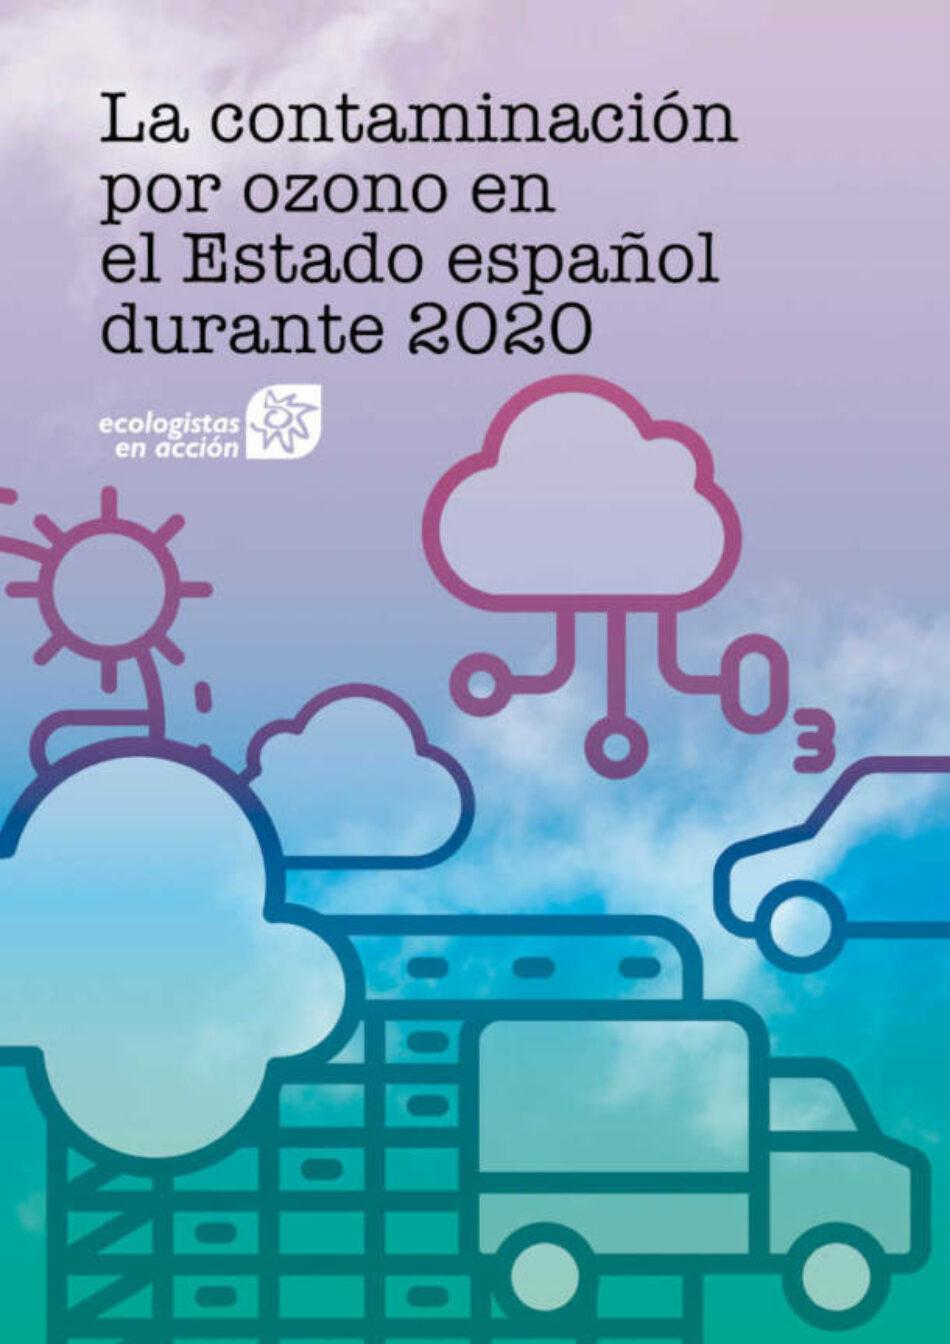 La contaminación por ozono cae un 27% en Madrid y un 41% en España en 2020